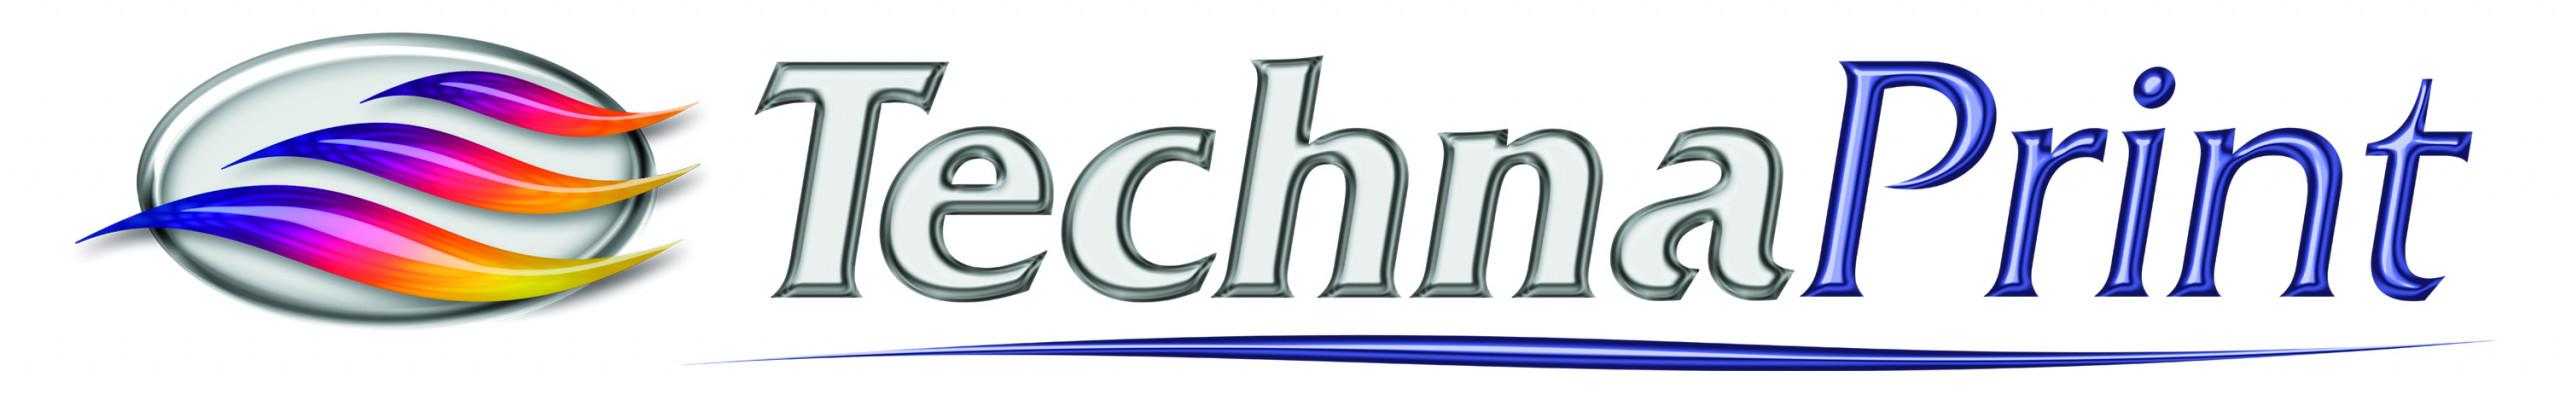 Technaprint